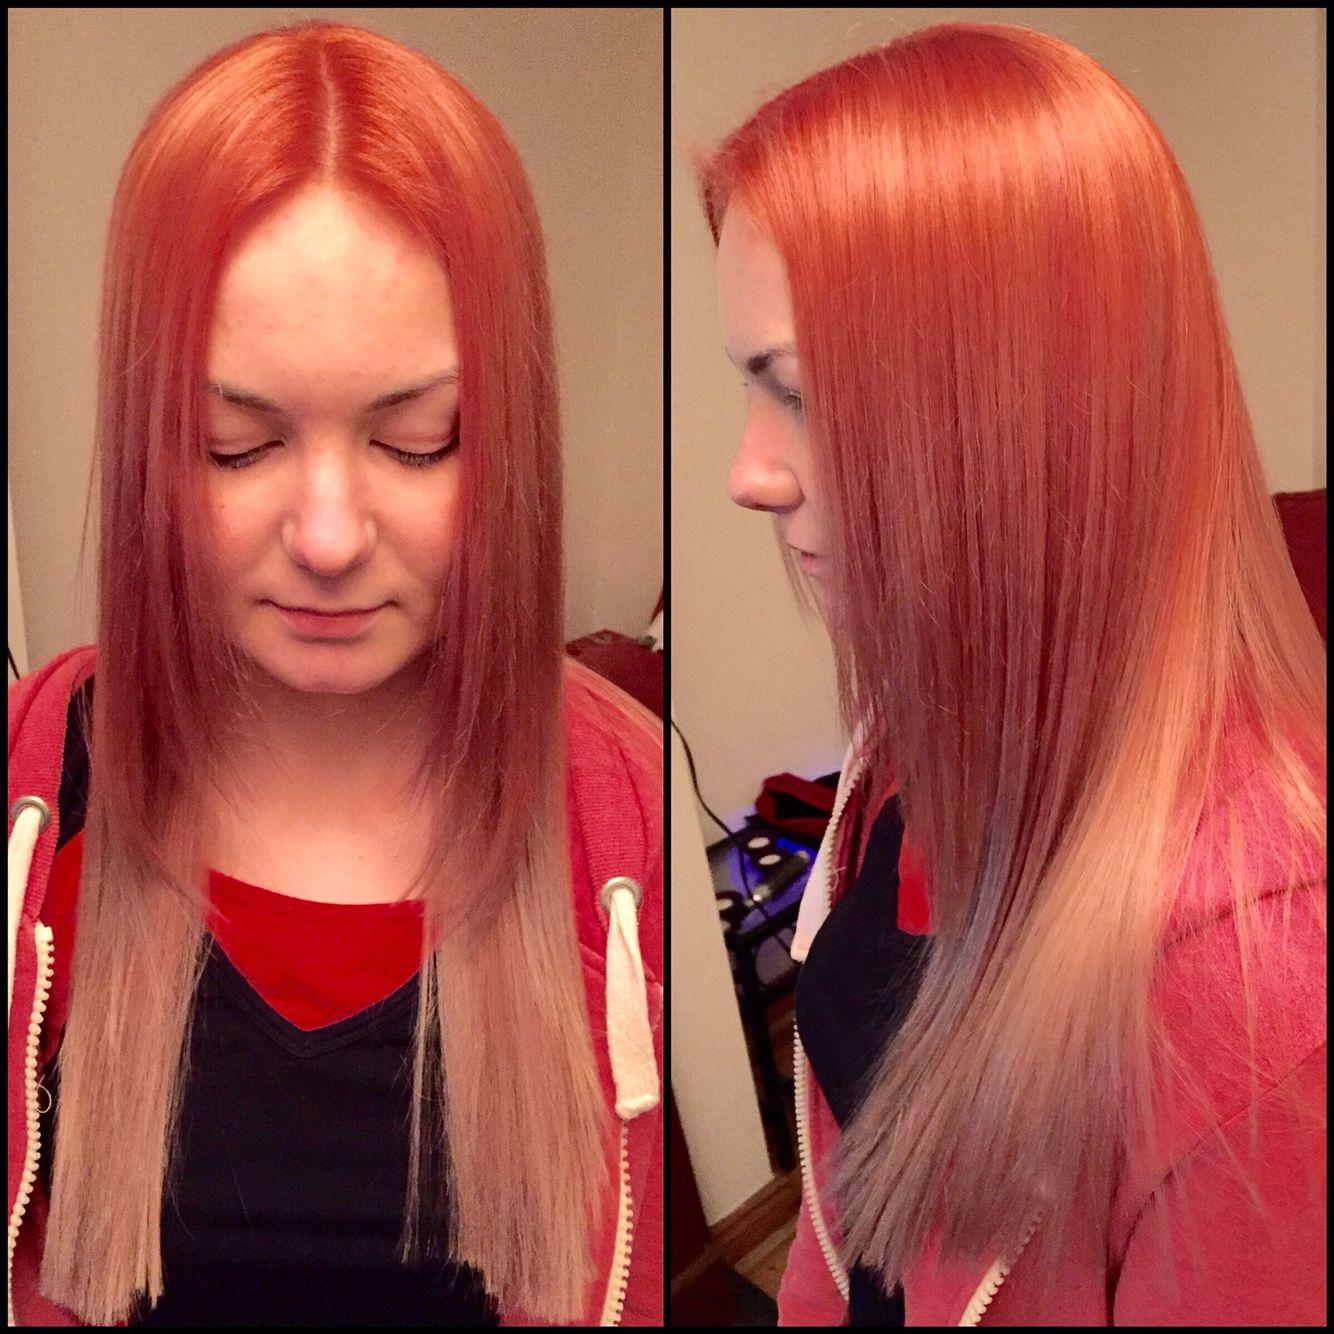 Ballayage Blond se rapportant à strawberry rose and blonde ombré, ballayage | hairi <3